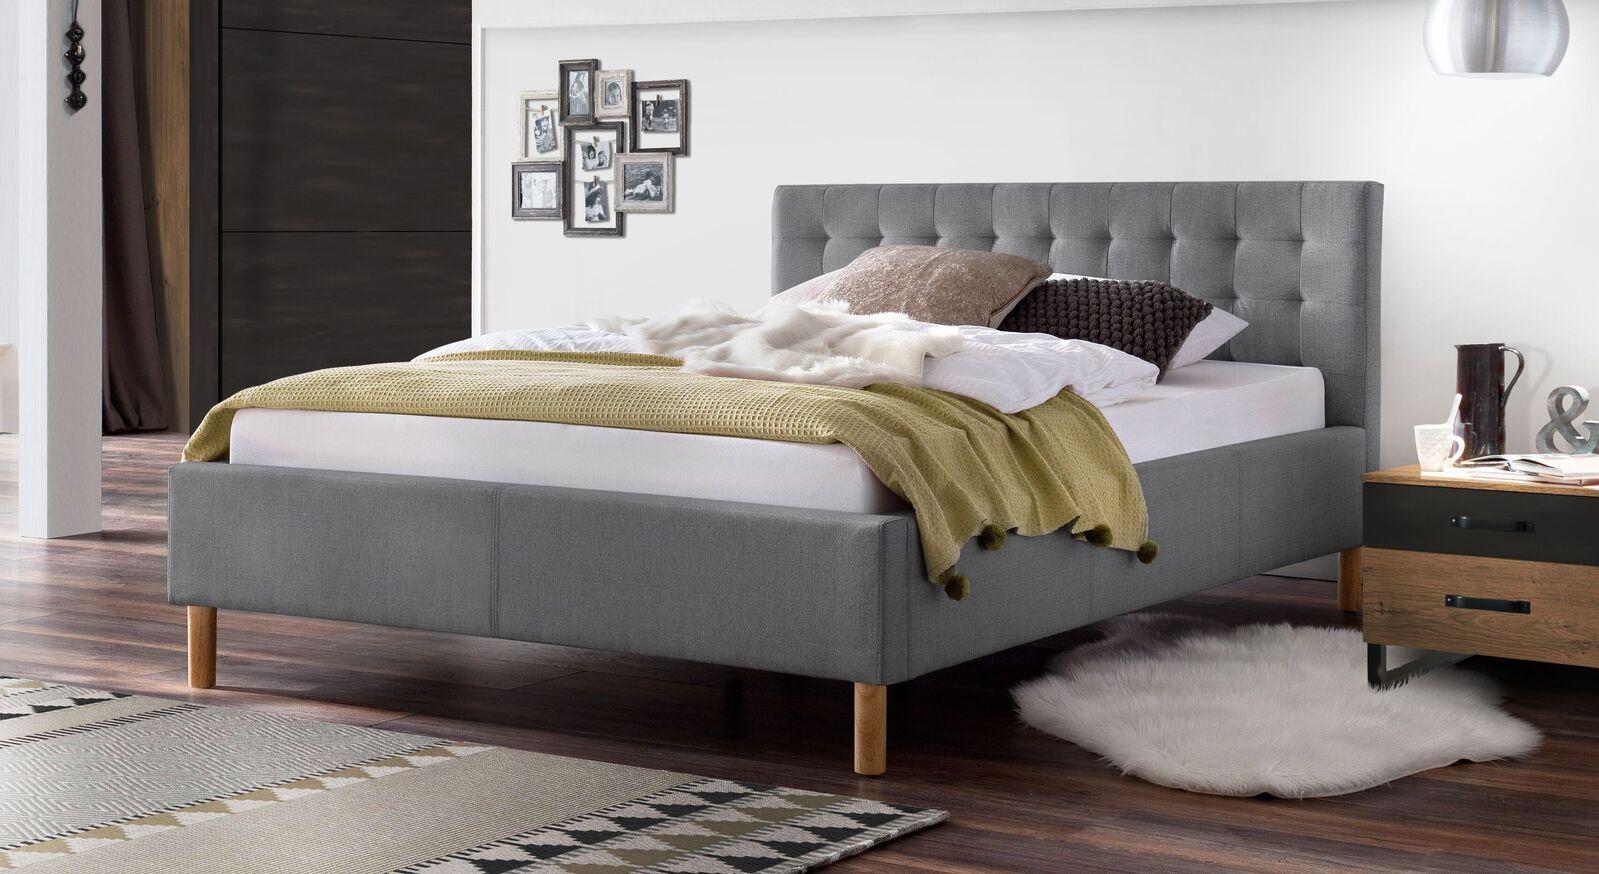 Bett Lemin mit kurzer Lieferzeit